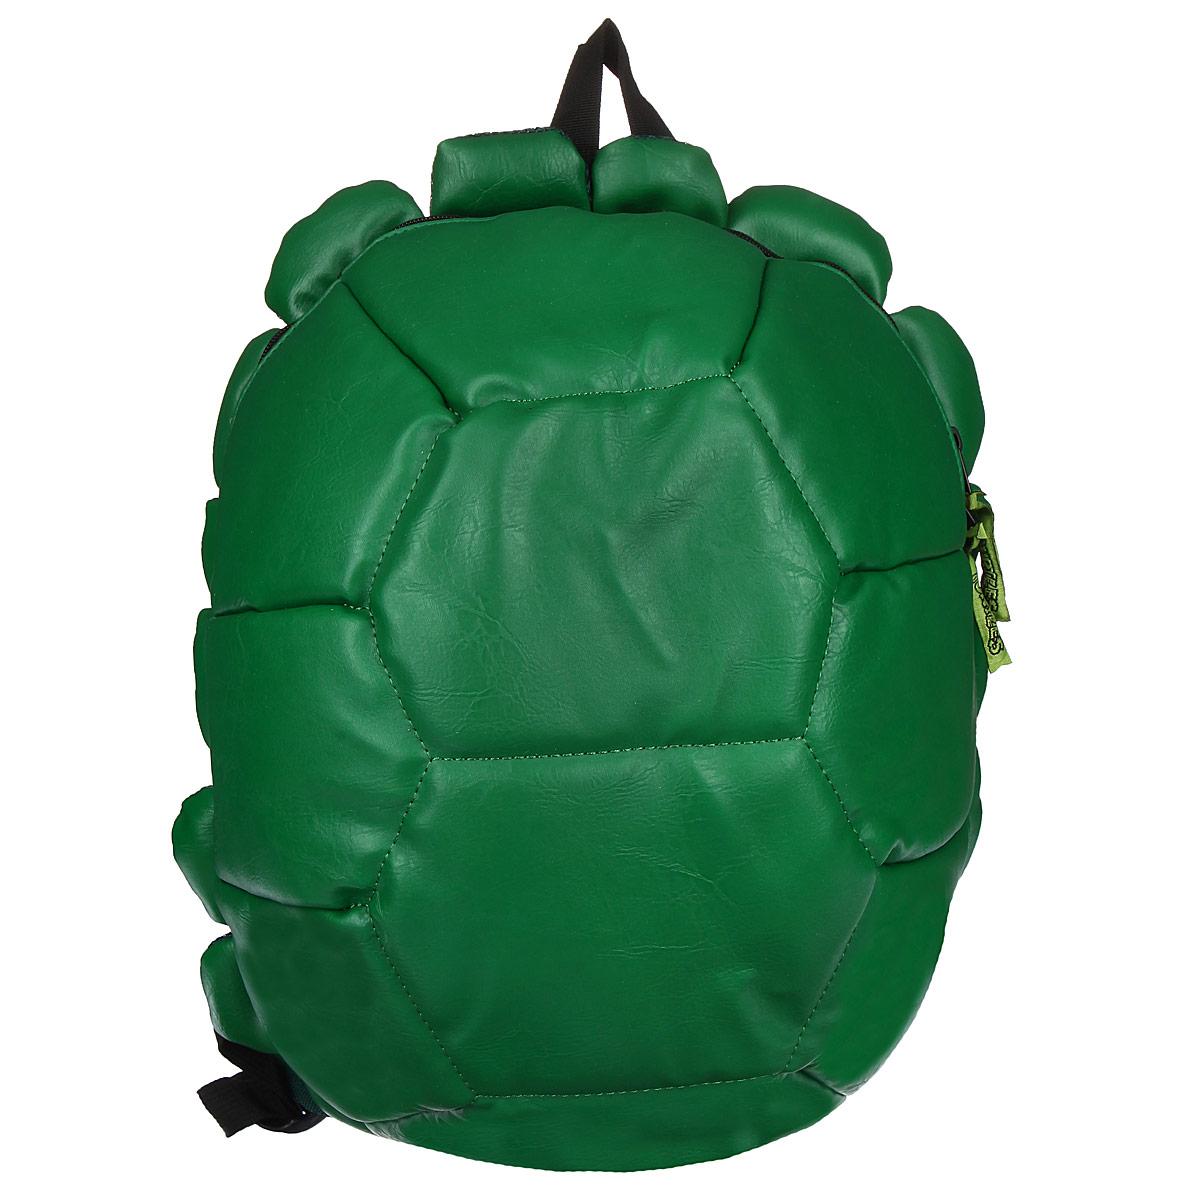 Рюкзак детский Teenage Mutant Ninja Turtles Черепашки Ниндзя, цвет: зеленый93451Рюкзак детский Teenage Mutant Ninja Turtles Черепашки Ниндзя непременно привлечет внимание вашего ребенка. Выполнен рюкзак из прочных материалов, зеленого цвета в виде панциря черепашки. В комплекте к рюкзаку прилагаются 4 повязки для глаз, чтобы быть похожими на героев мультфильма. Содержит одно вместительное отделение, закрывающееся на застежку-молнию с двумя бегунками. Внутри отделения находятся: три открытых кармана, три отделения для пишущих принадлежностей и кармашек на липучке для мобильного телефона. Конструкция спинки дополнена противоскользящей сеточкой и системой вентиляции для предотвращения запотевания спины ребенка. Широкие лямки позволяют легко и быстро отрегулировать рюкзак в соответствии с ростом. Рюкзак оснащен текстильной ручкой для переноски в руке. Ребенку обязательно понравится этот стильный аксессуар, который станет для него постоянным спутником. Рекомендуемый возраст: от 8 лет.